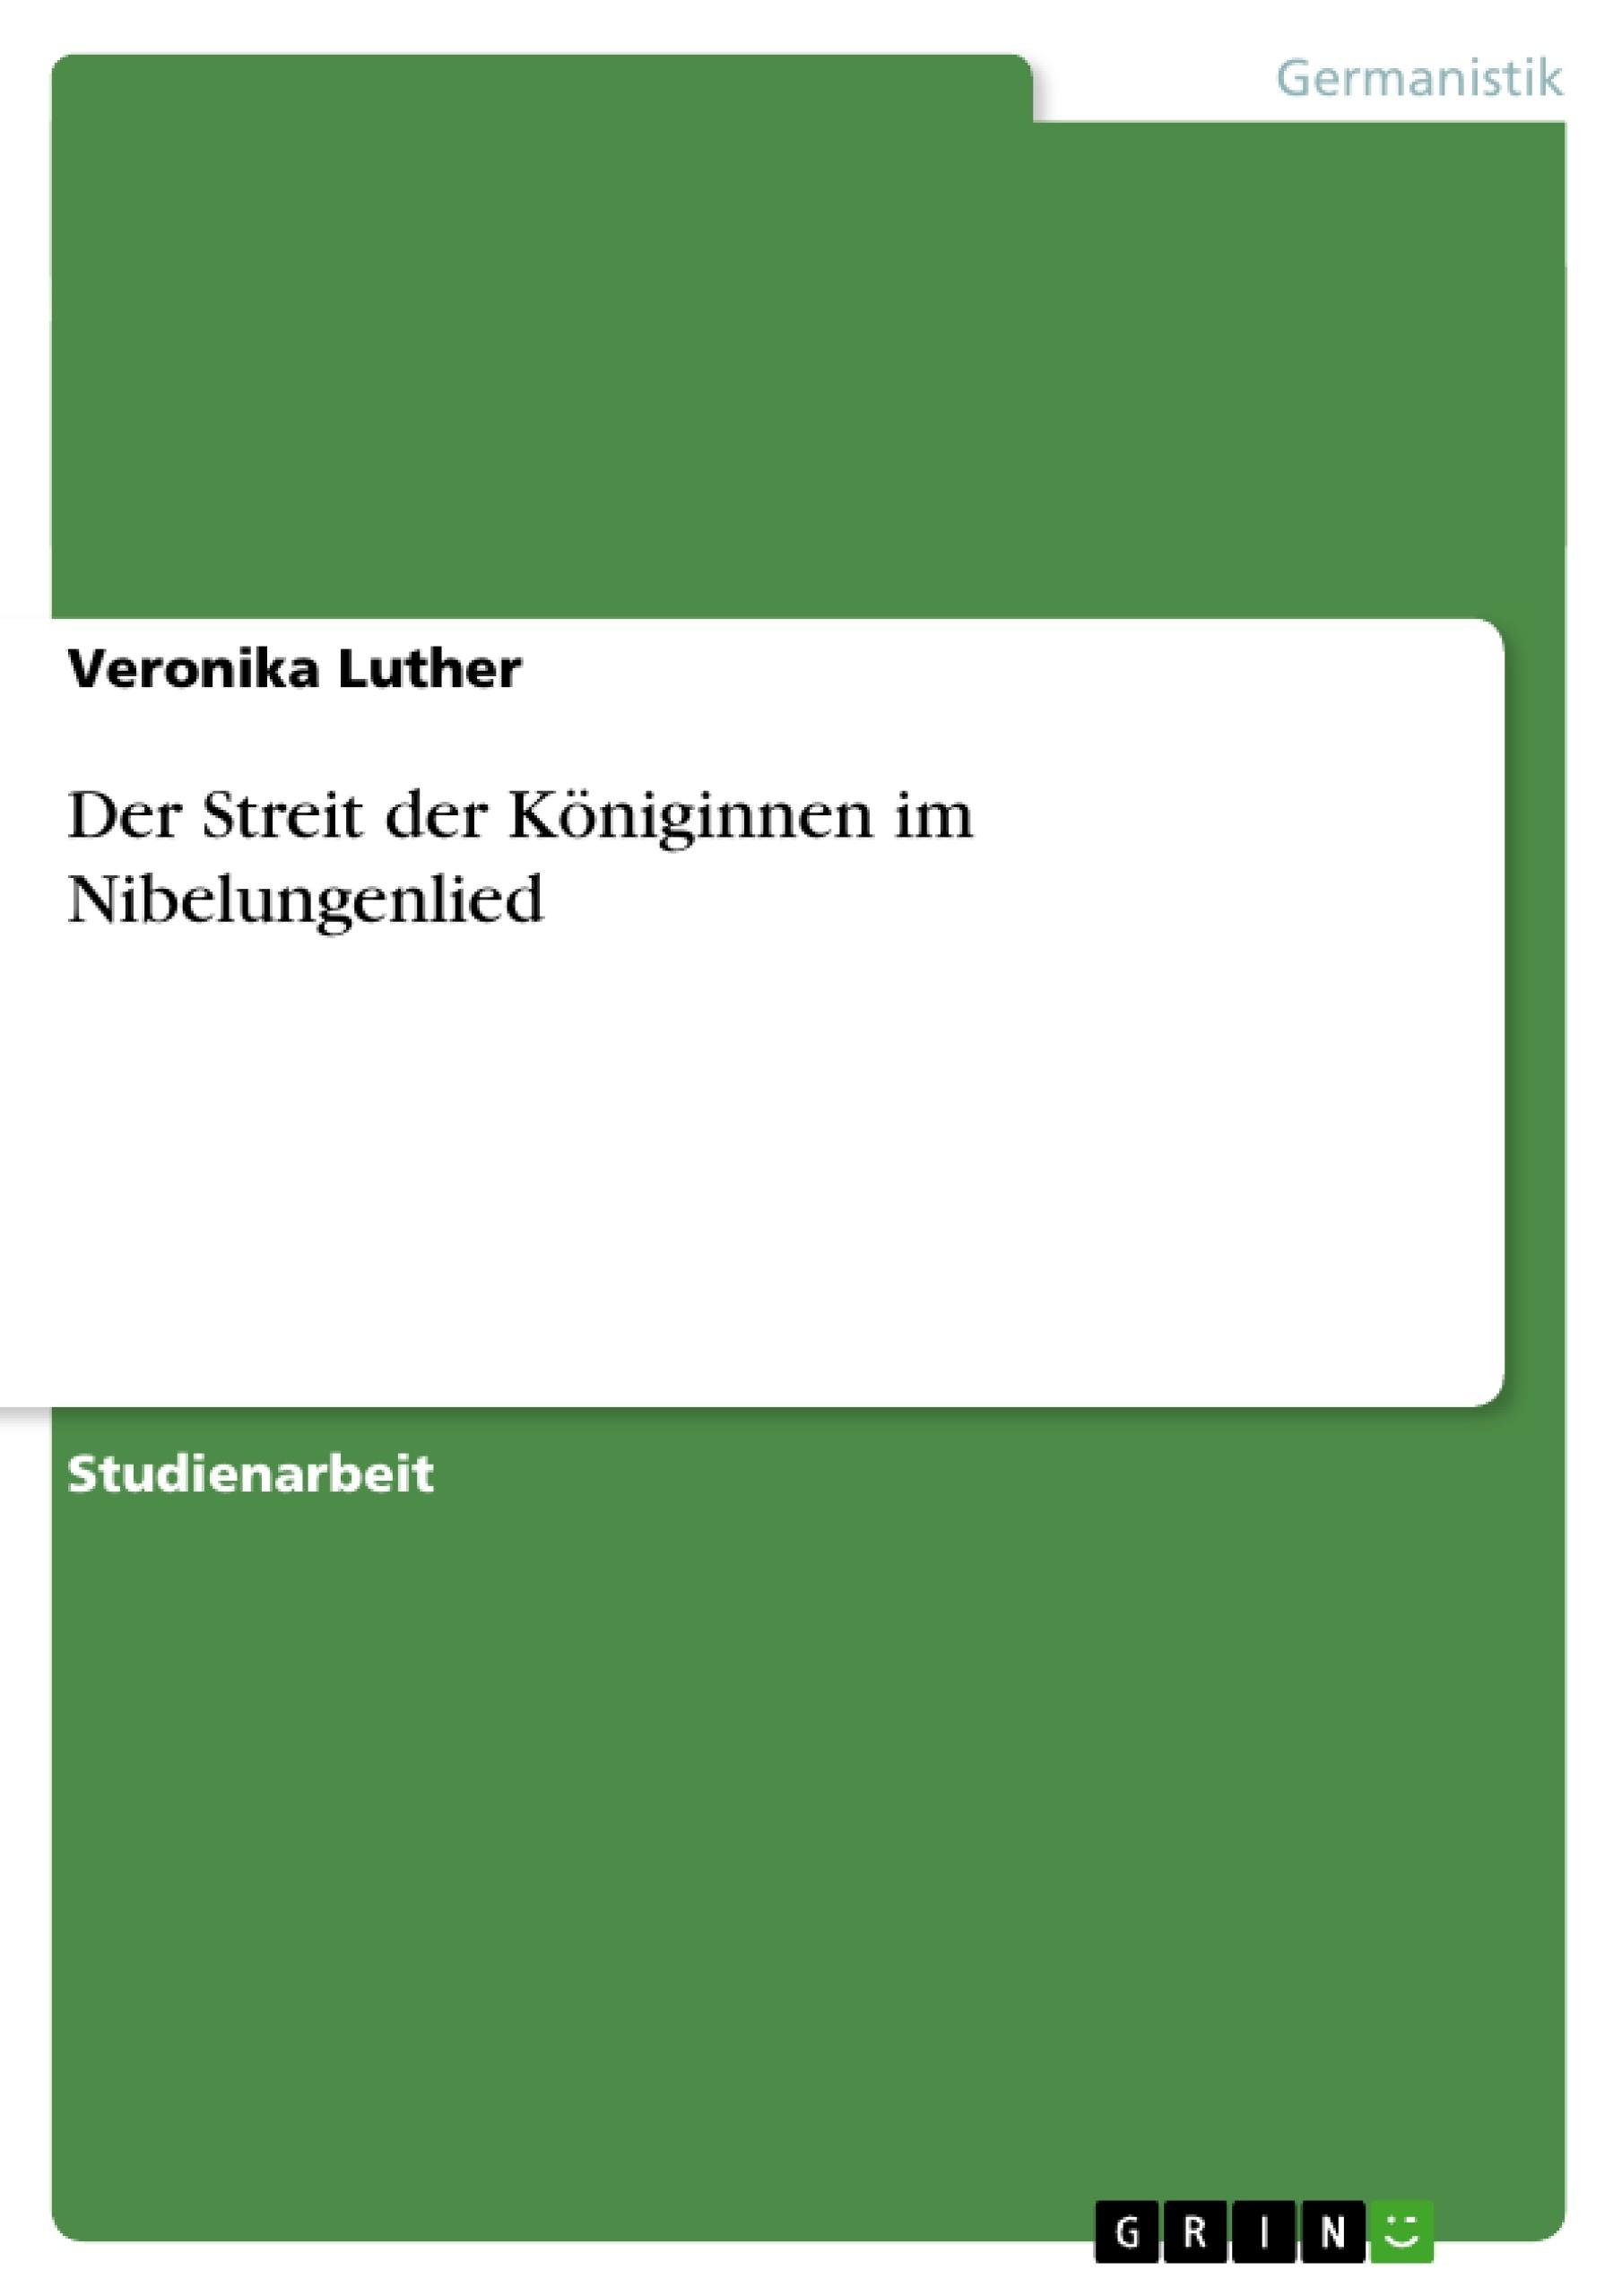 Titel: Der Streit der Königinnen im Nibelungenlied